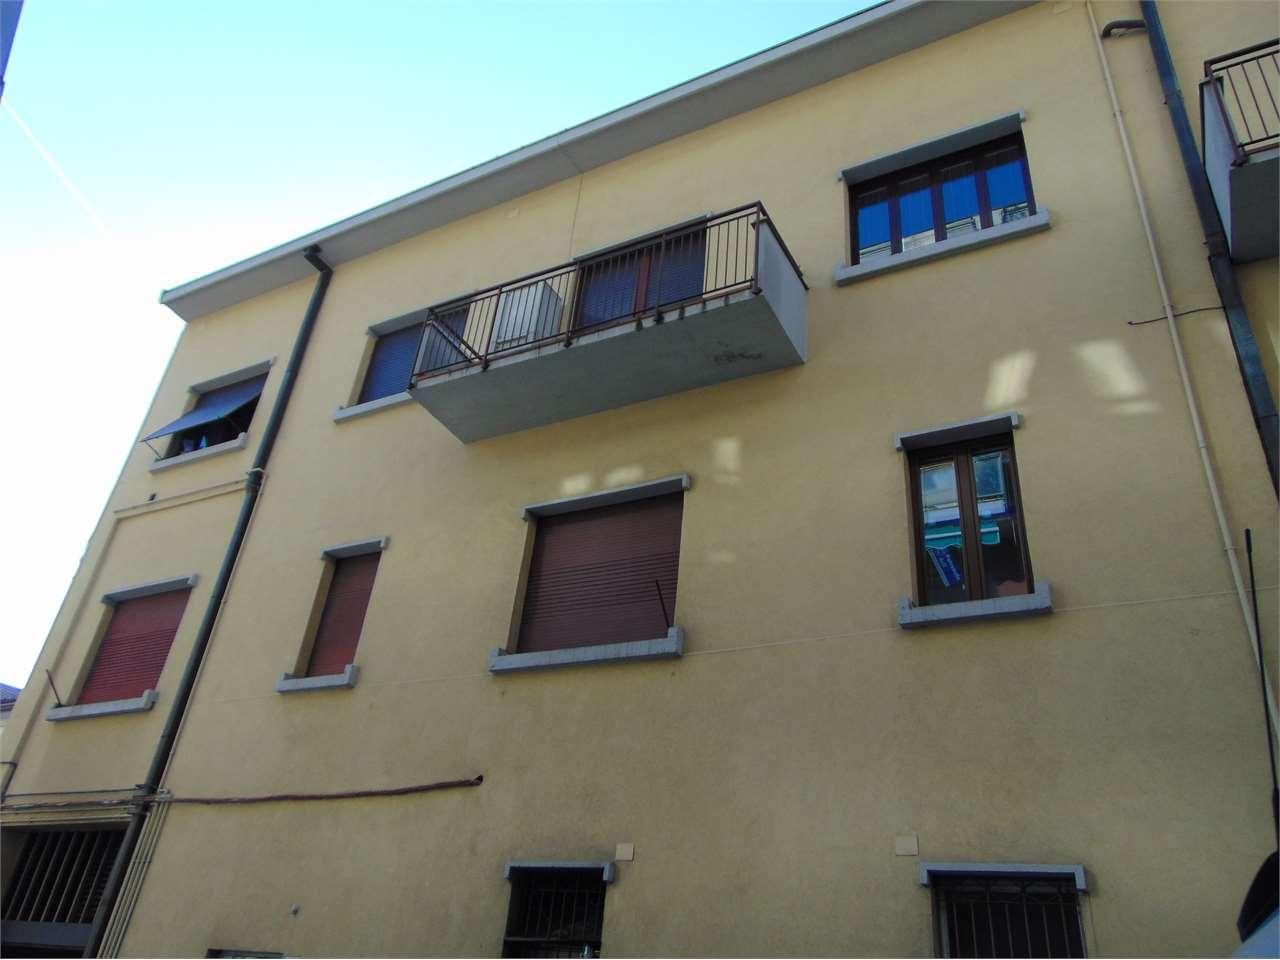 Appartamento in vendita a Varese, 4 locali, zona Zona: Centro, prezzo € 170.000 | CambioCasa.it